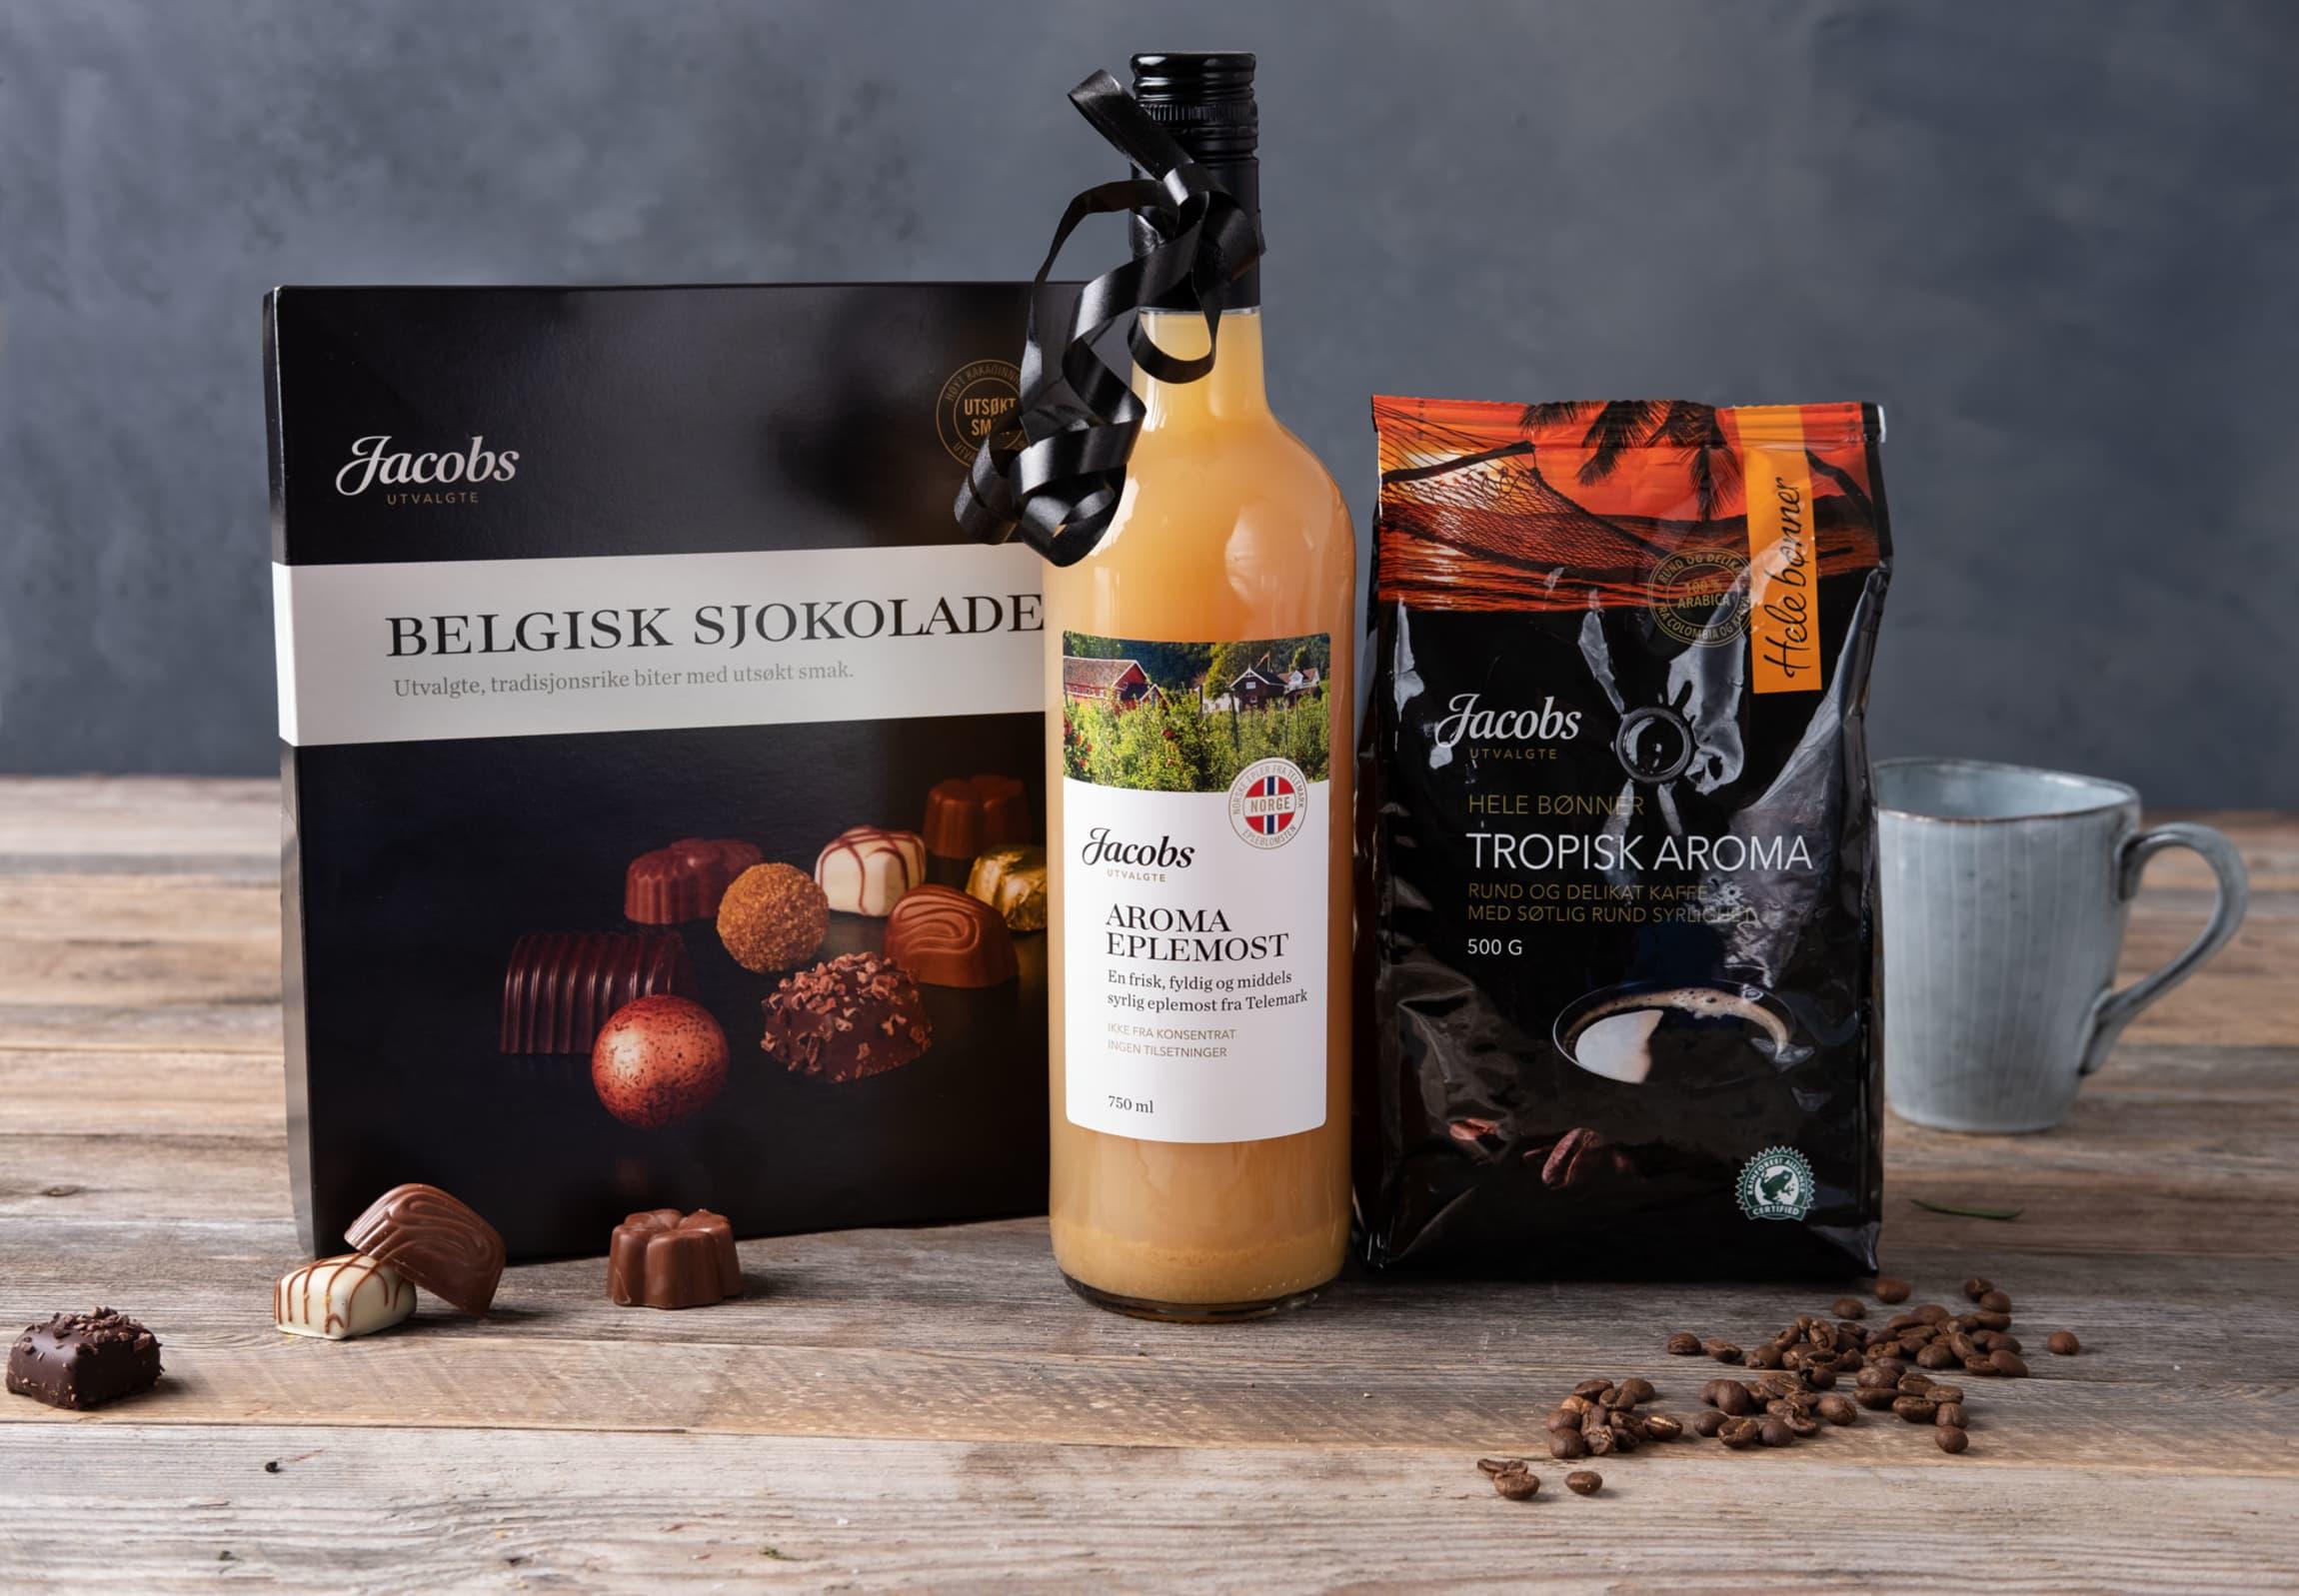 Gled noen med disse lekre matgavene: Belgisk sjokolade, Aroma eplemost og Tropisk aroma kaffe fra Jacobs Utvalgte.